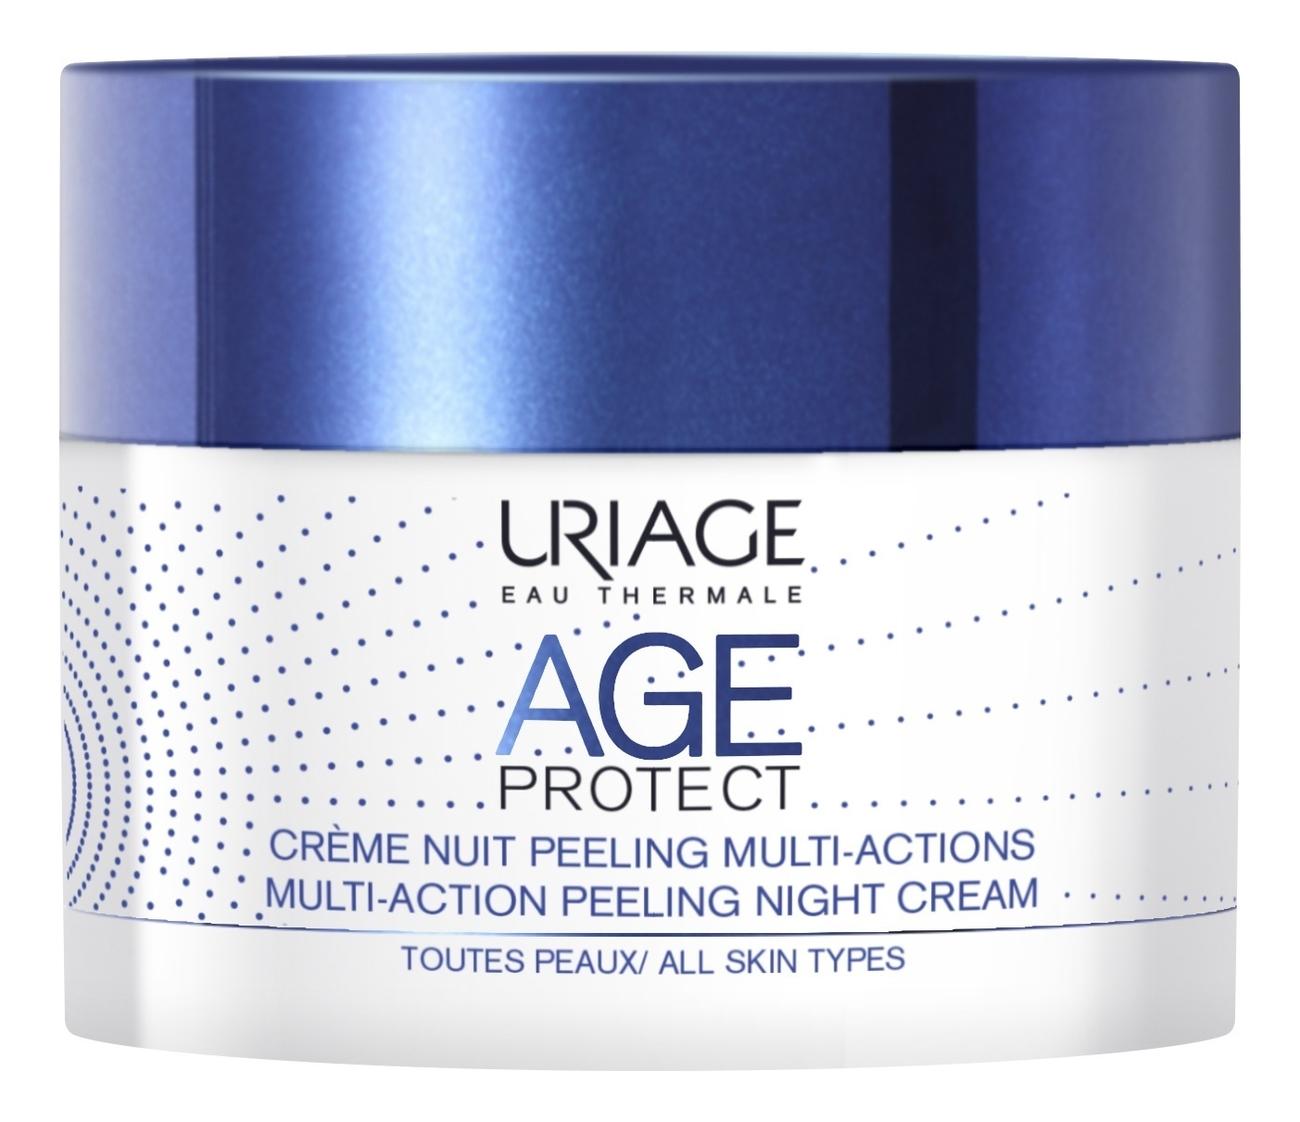 Купить Многофункциональный ночной крем-пилинг для лица Age Protect Multi-Action Peeling Night Cream 50мл, Uriage